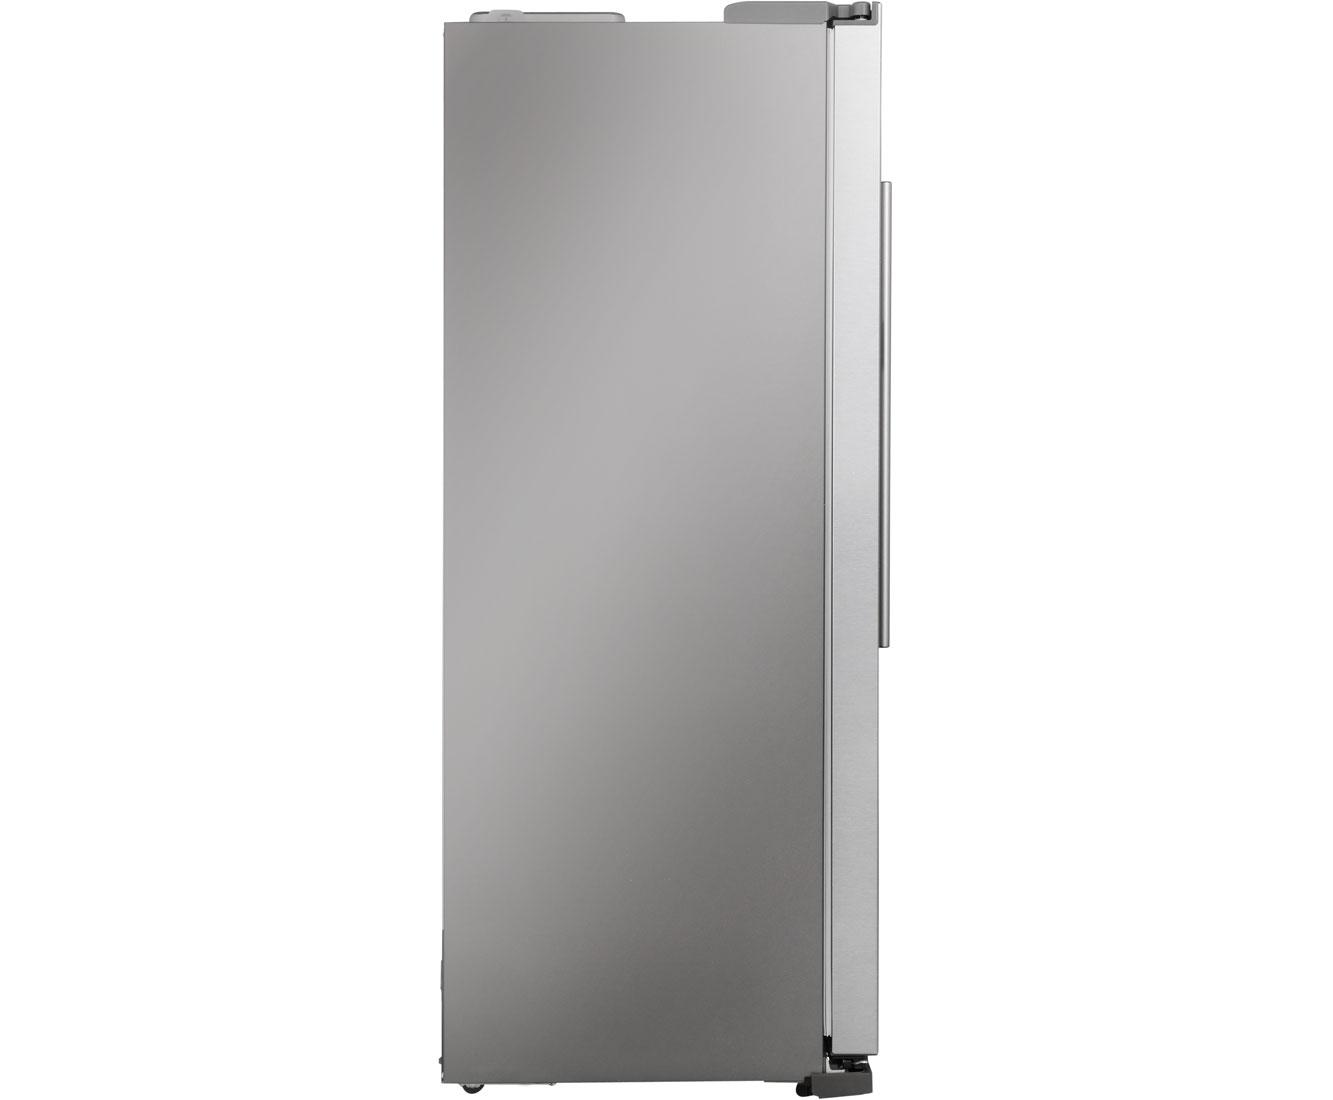 Side By Side Kühlschrank Direkt An Wand : Side by side ohne wasseranschluss kühlschrank richtig anschließen